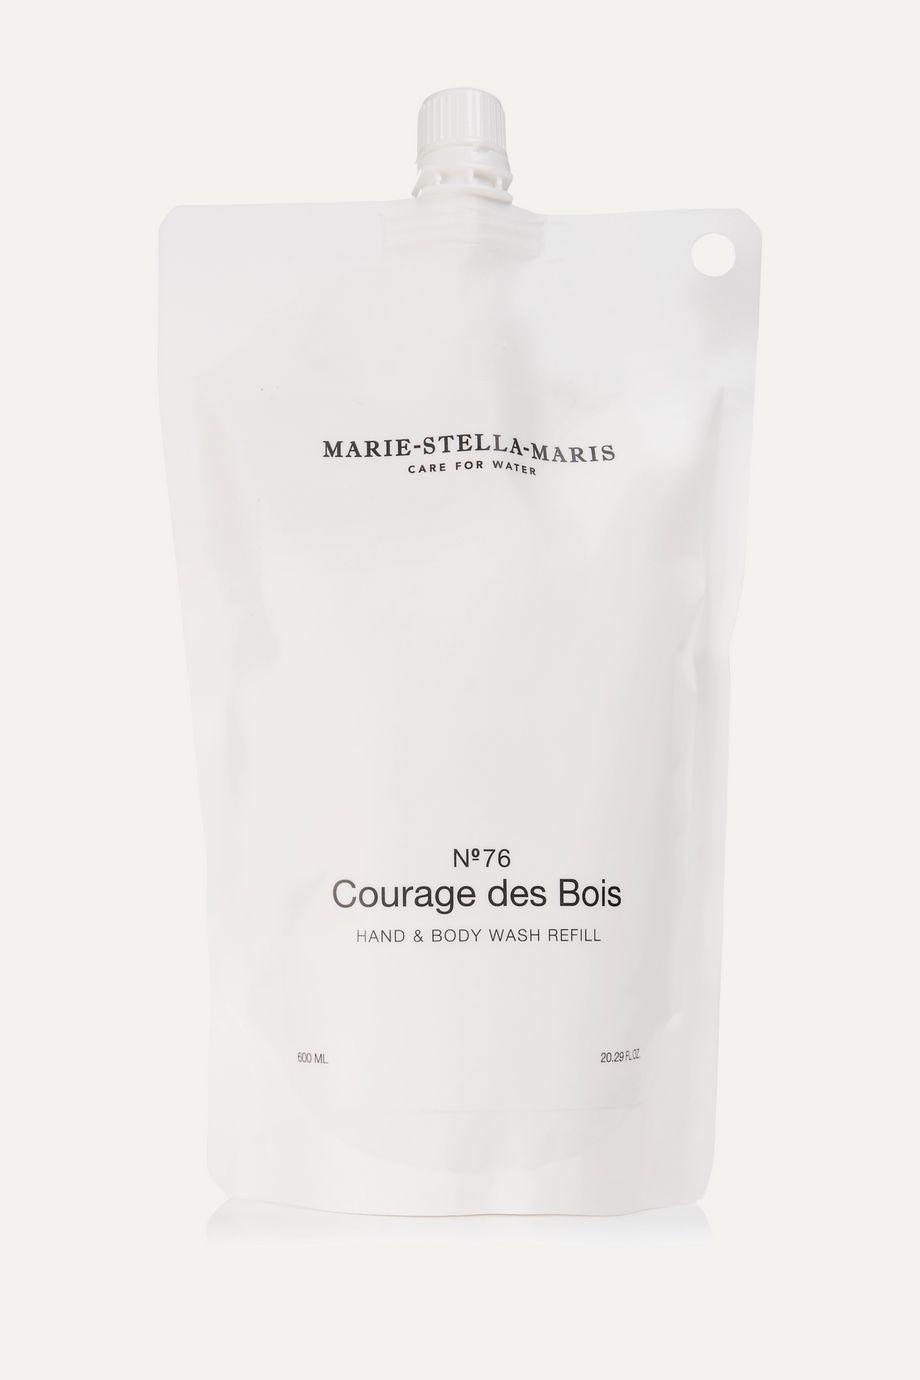 Marie-Stella-Maris Hand & Body Wash – Courage des Bois Refill, 600 ml – Nachfüll-Flüssigseife